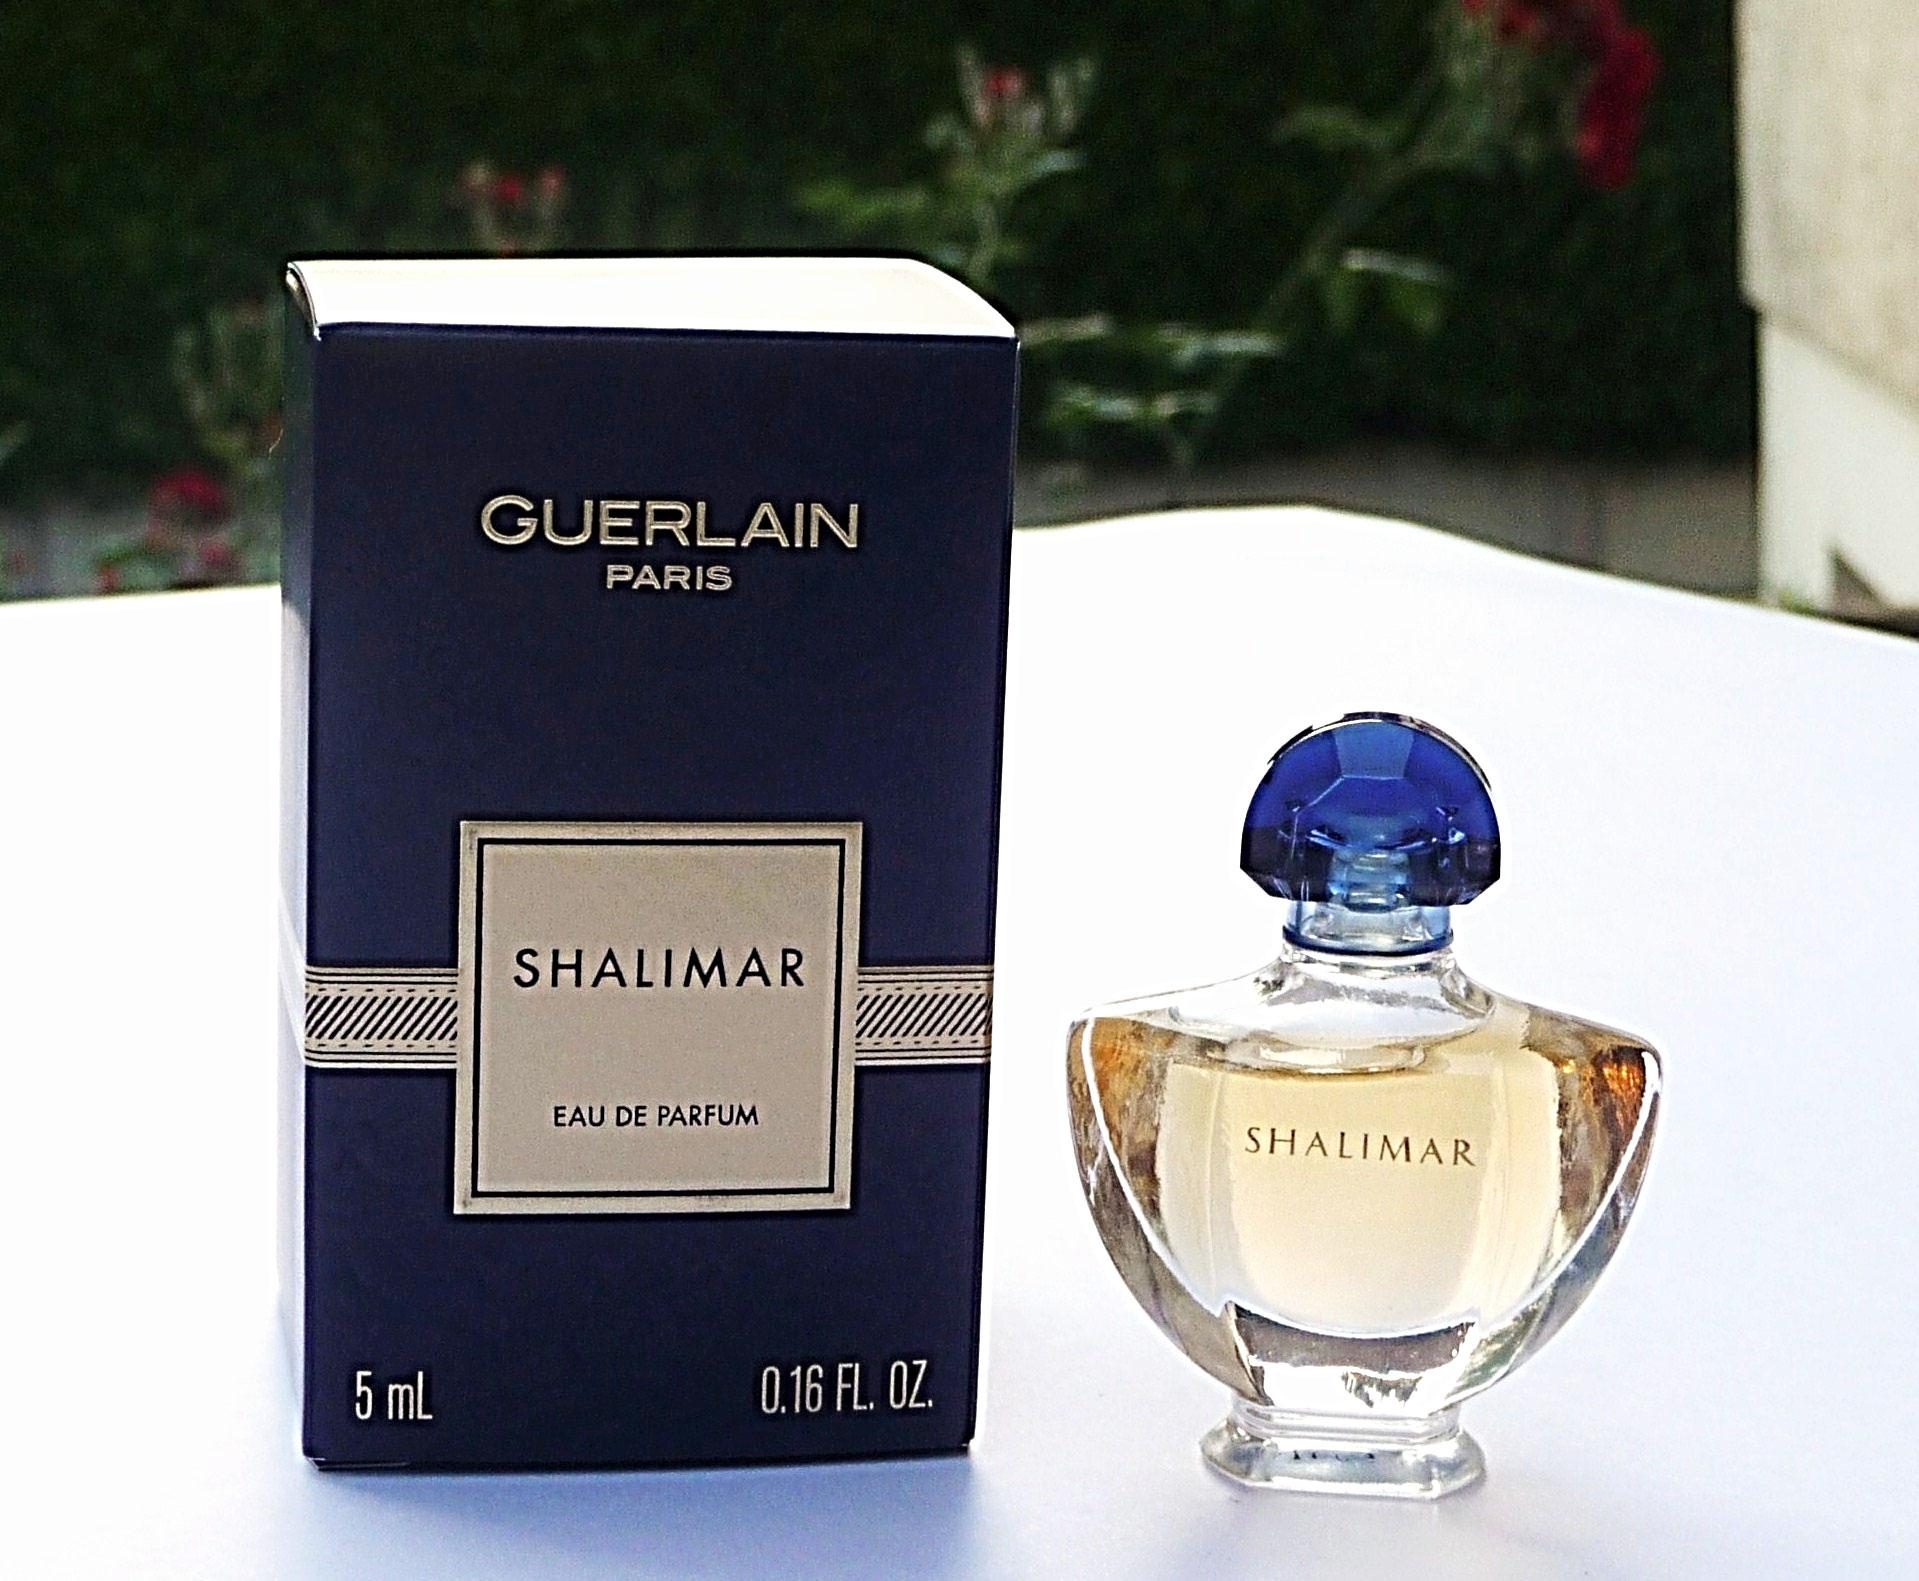 Miniatures Guerlain Par Guerlain Shalimar Miniatures Par Collectionsautourduparfum Shalimar Collectionsautourduparfum Guerlain Miniatures EYeIDHW29